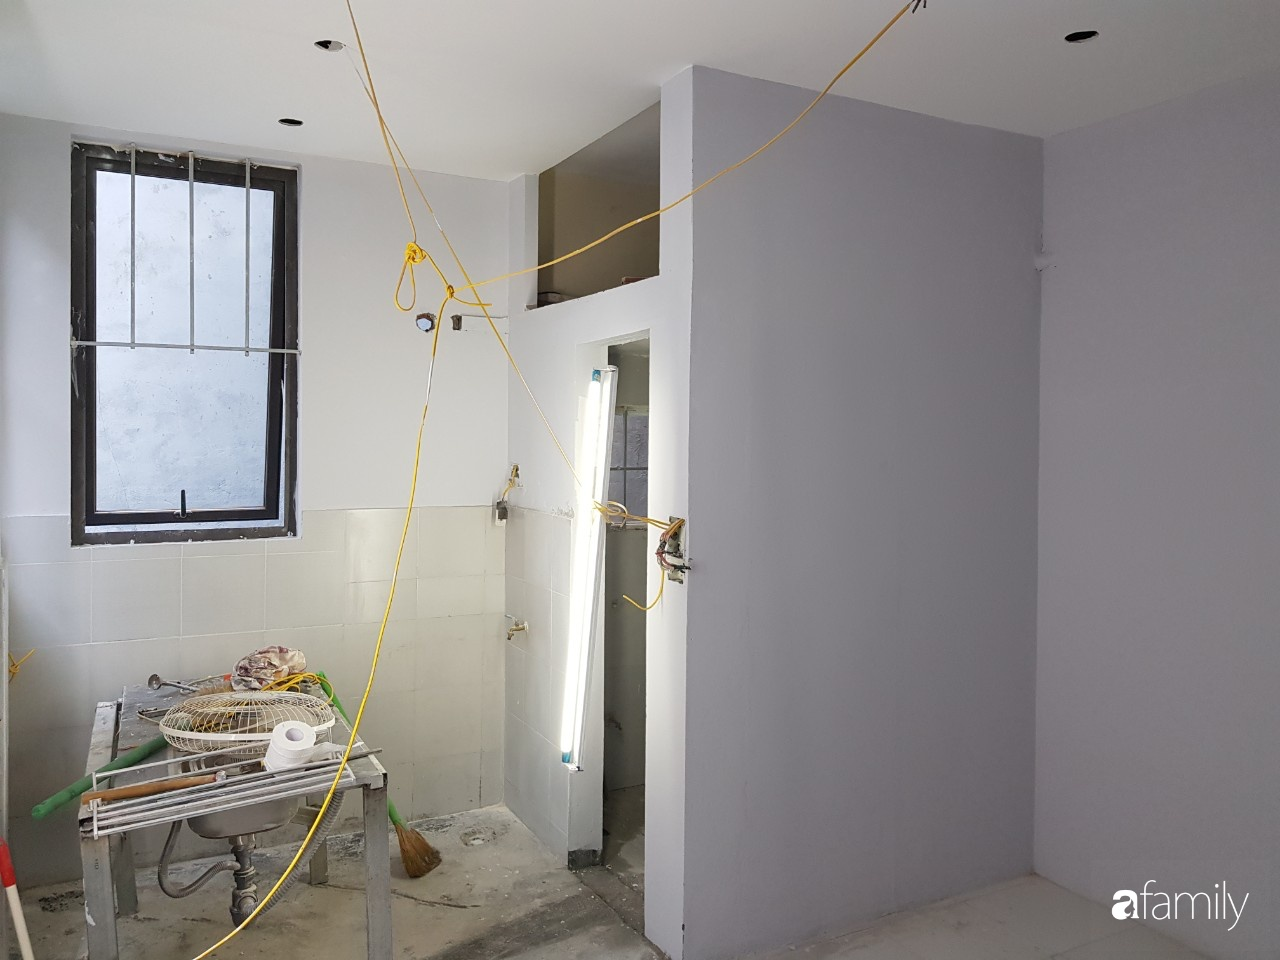 Căn hộ 18m² vừa chật vừa bí được cải tạo rộng đẹp hiện đại sau khi đập tường, bỏ gác xép ở Hà Nội - Ảnh 4.